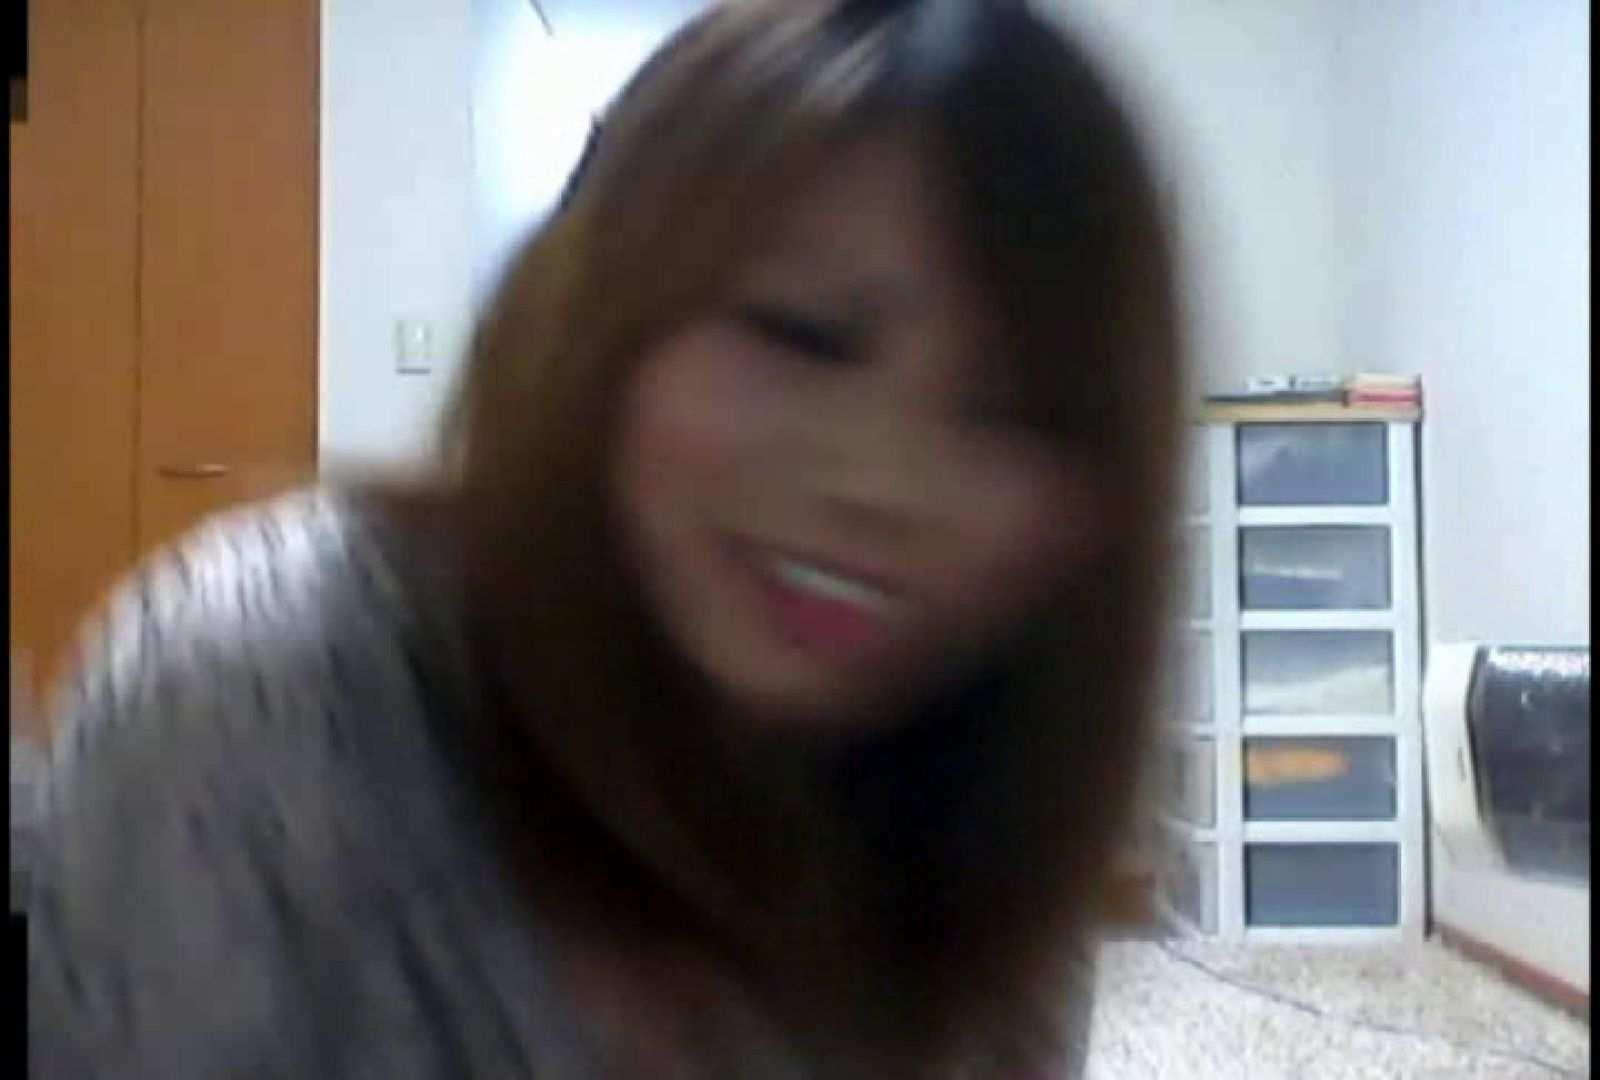 電魔王さんの「盗撮の部屋」No.8 加奈子 盗撮  83pic 26